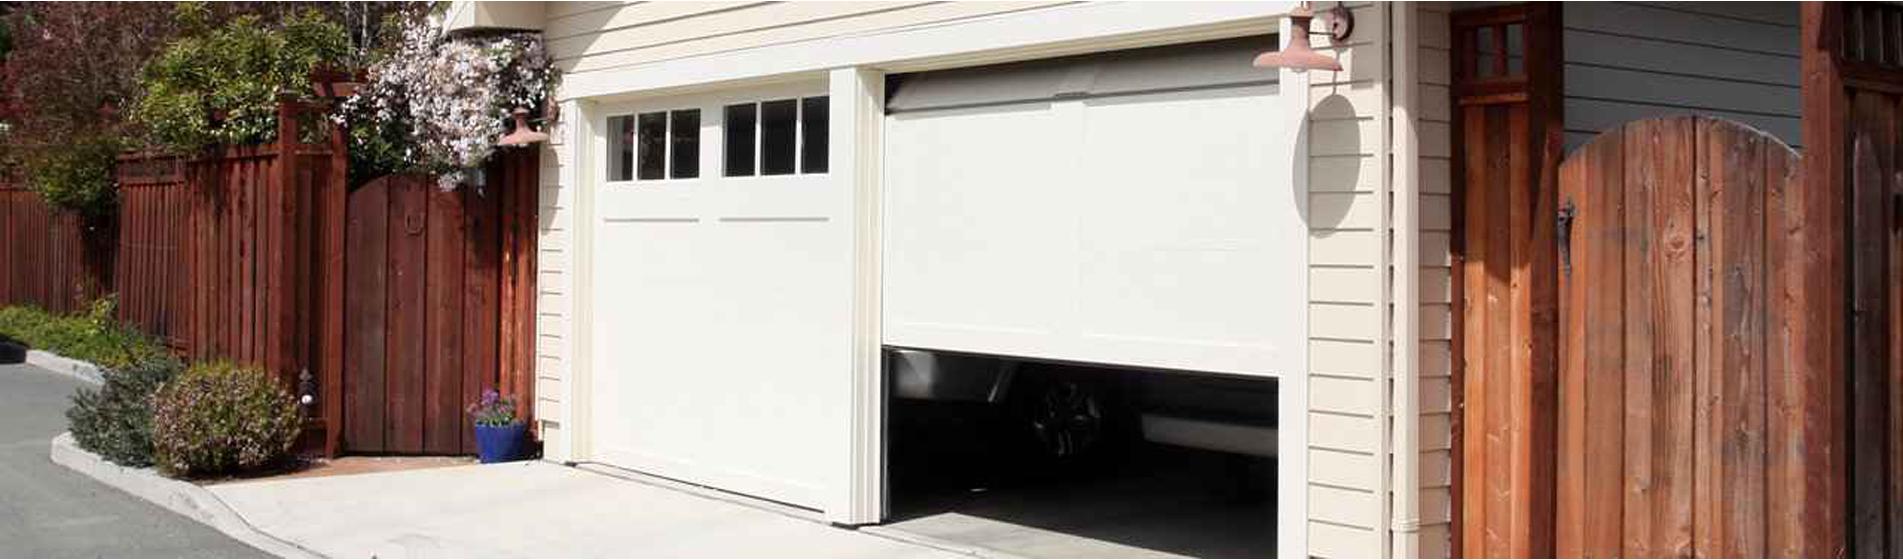 installer porte de garage sur-mesure 84300